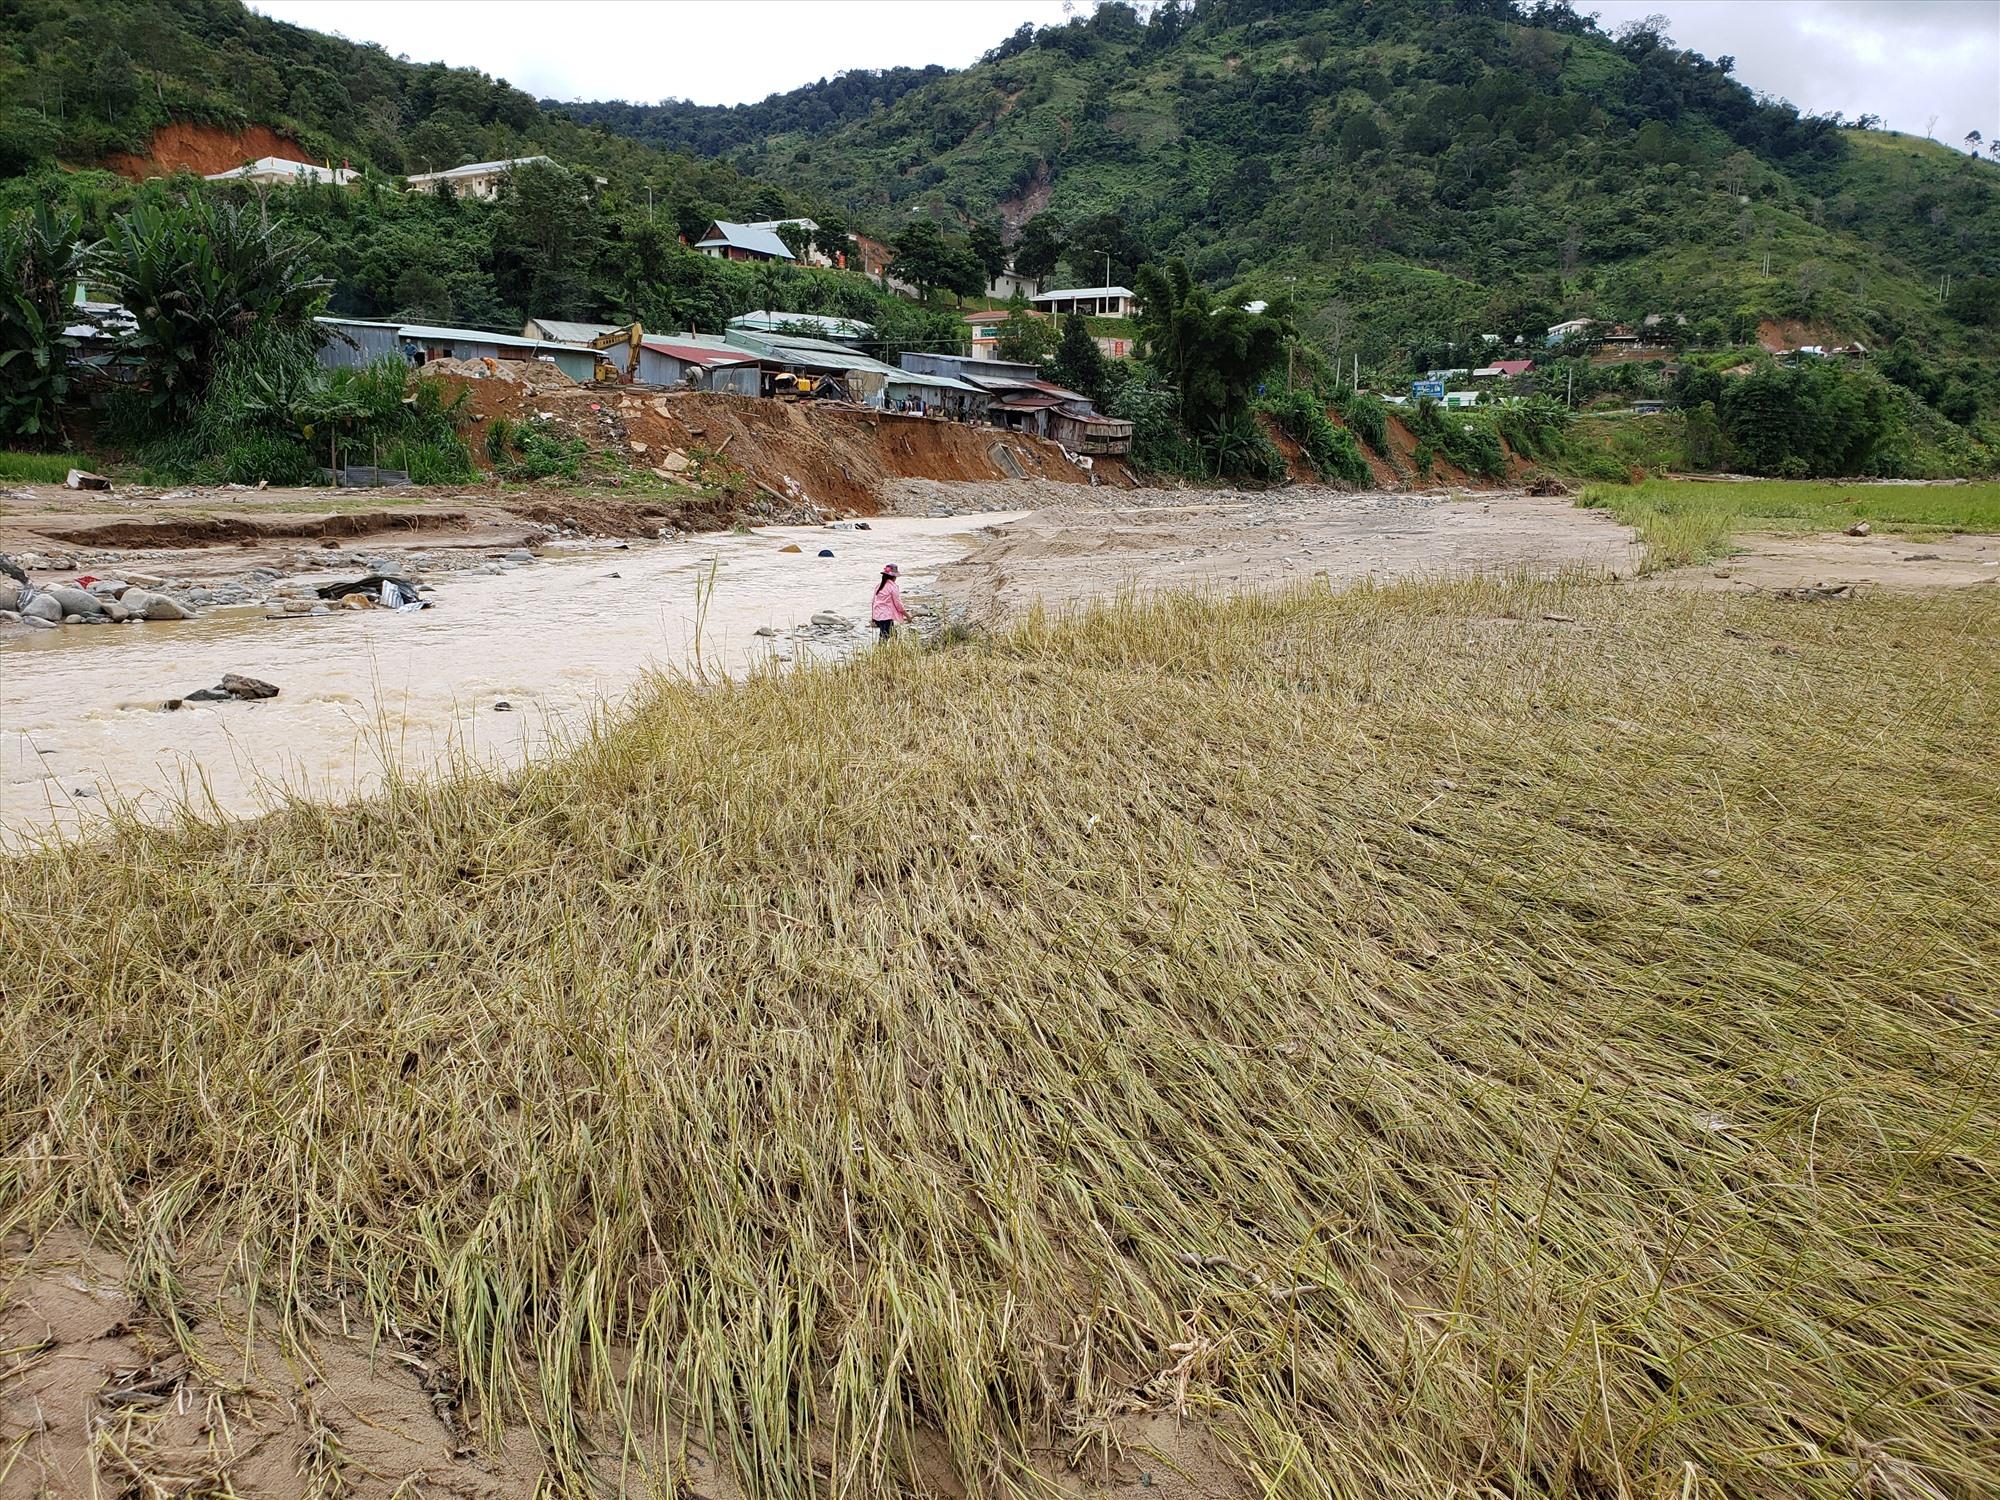 Hầu hết lúa bị ngập lụt không thể thu hoạch được. Ảnh: THANH THẮNG